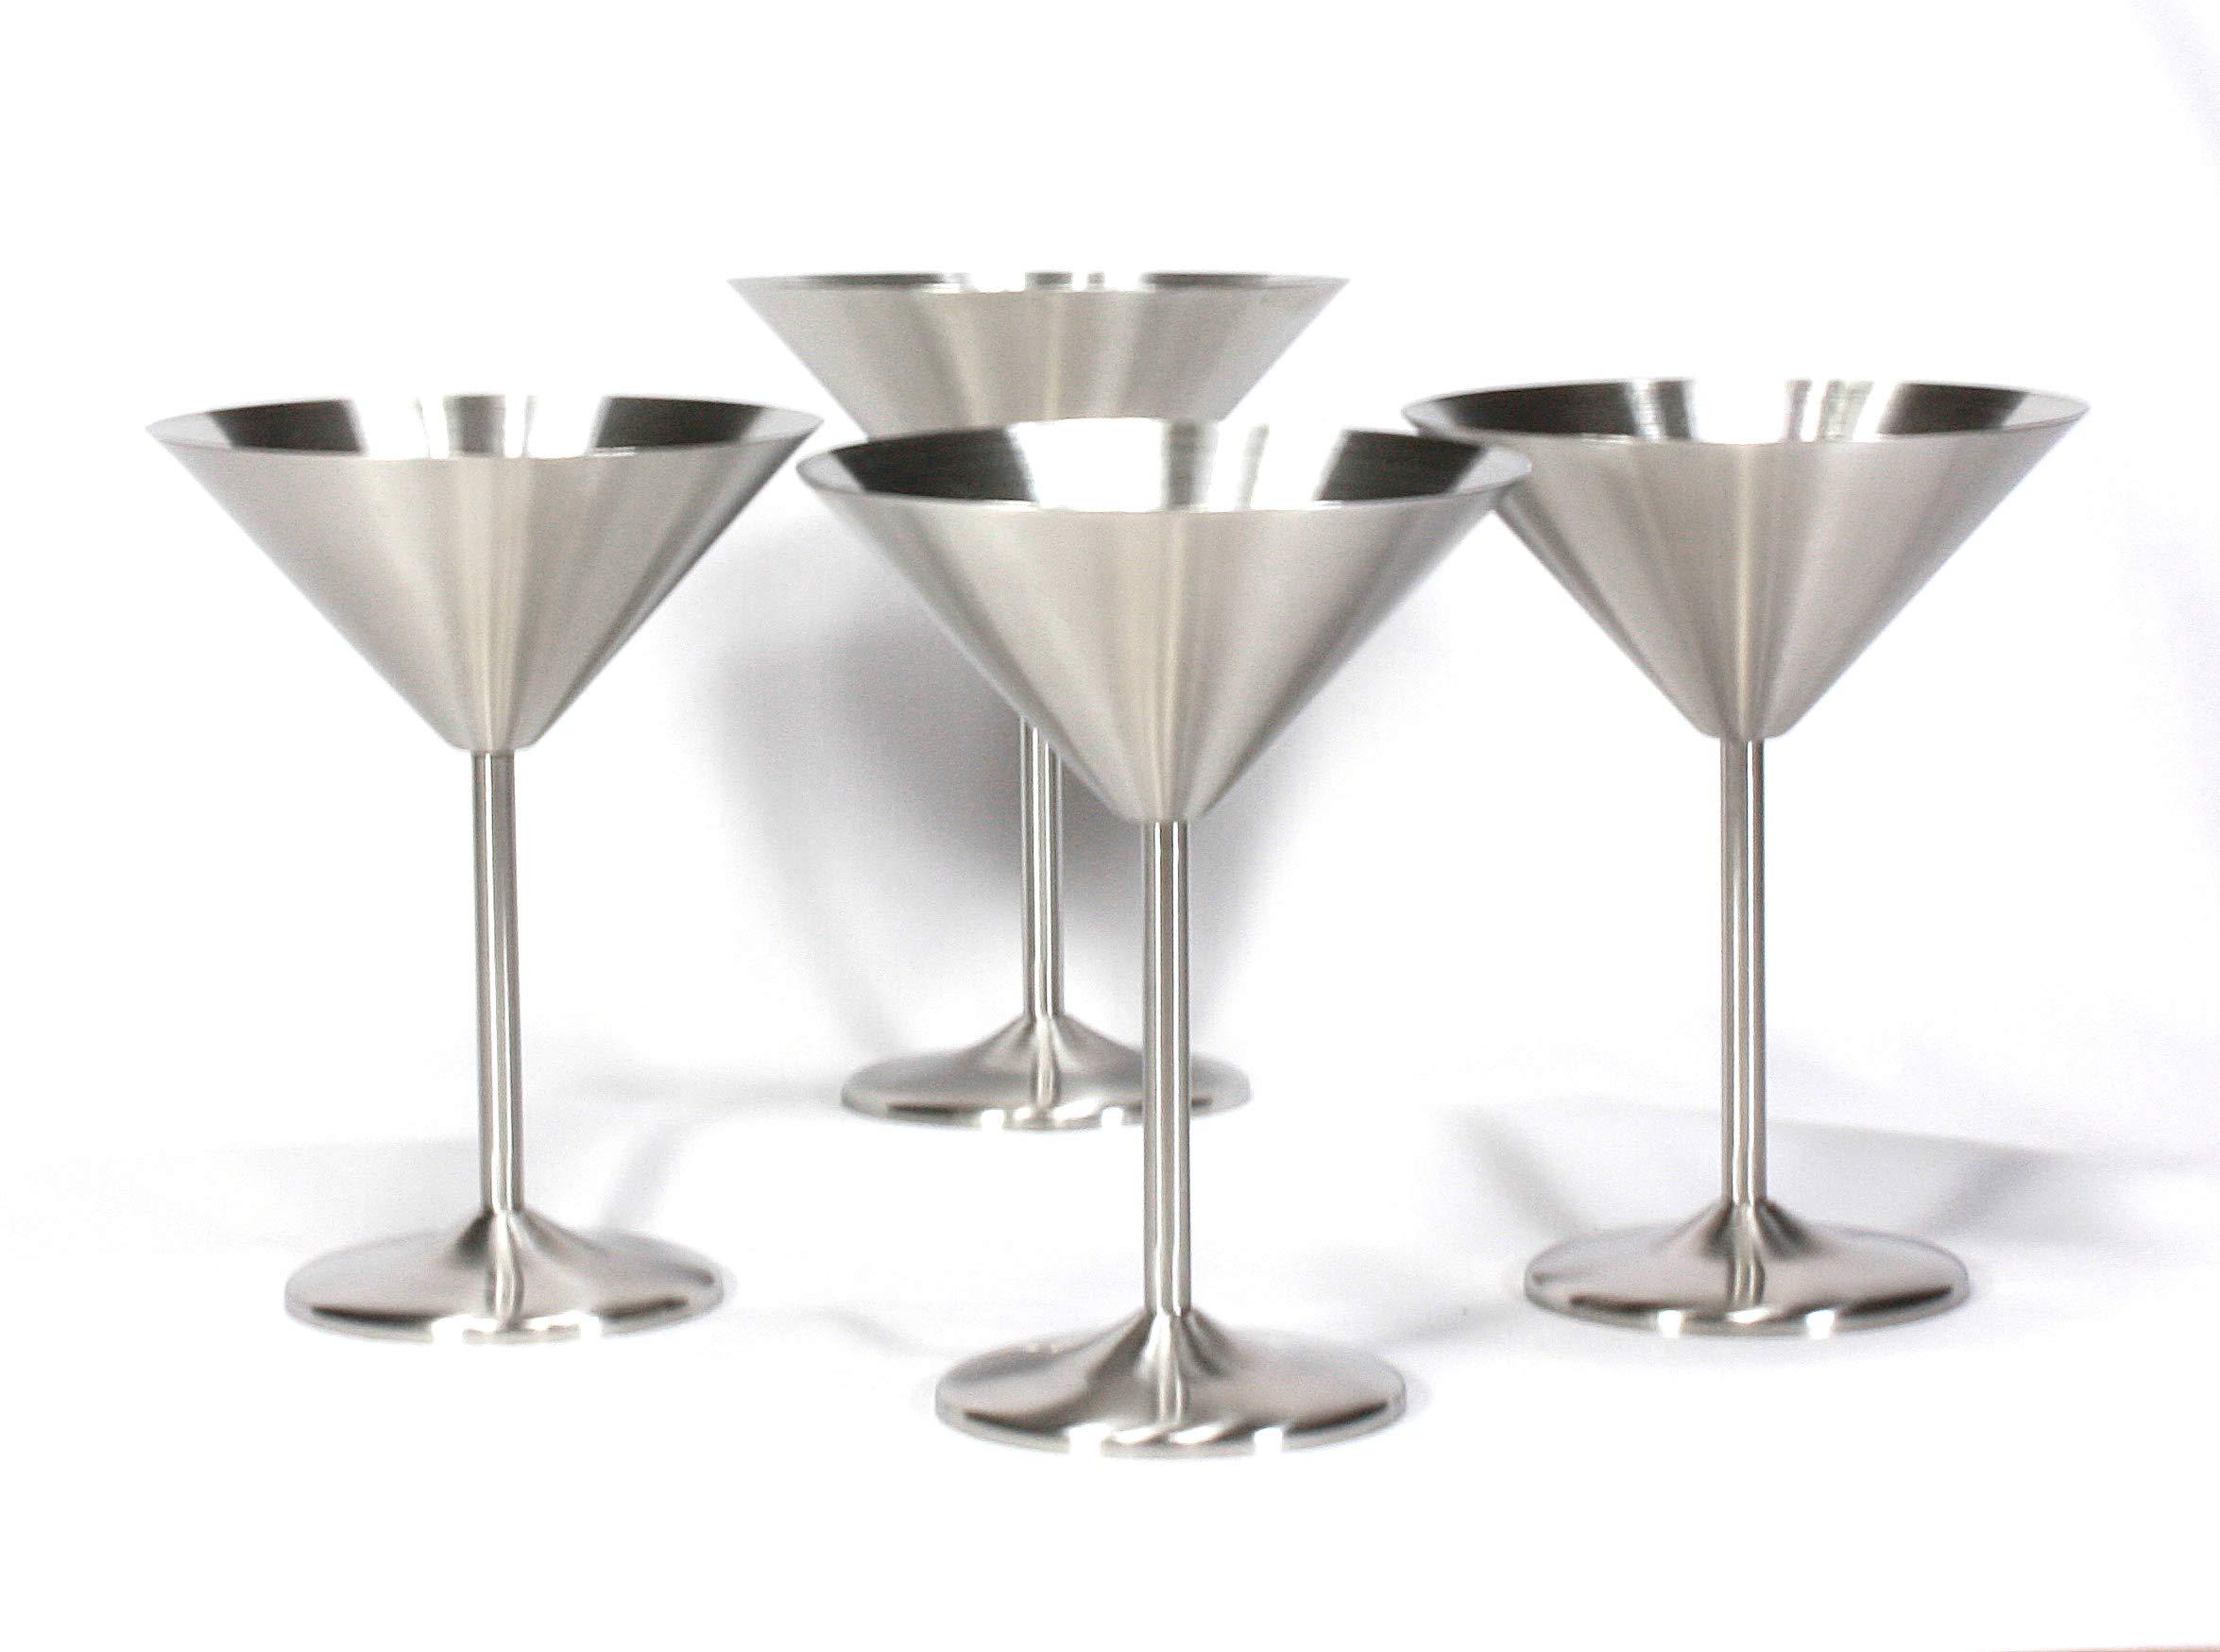 Trendiware Stemmed Martini Cocktail Glasses 7 oz. (Stainless Steel, 4) by Trendiware